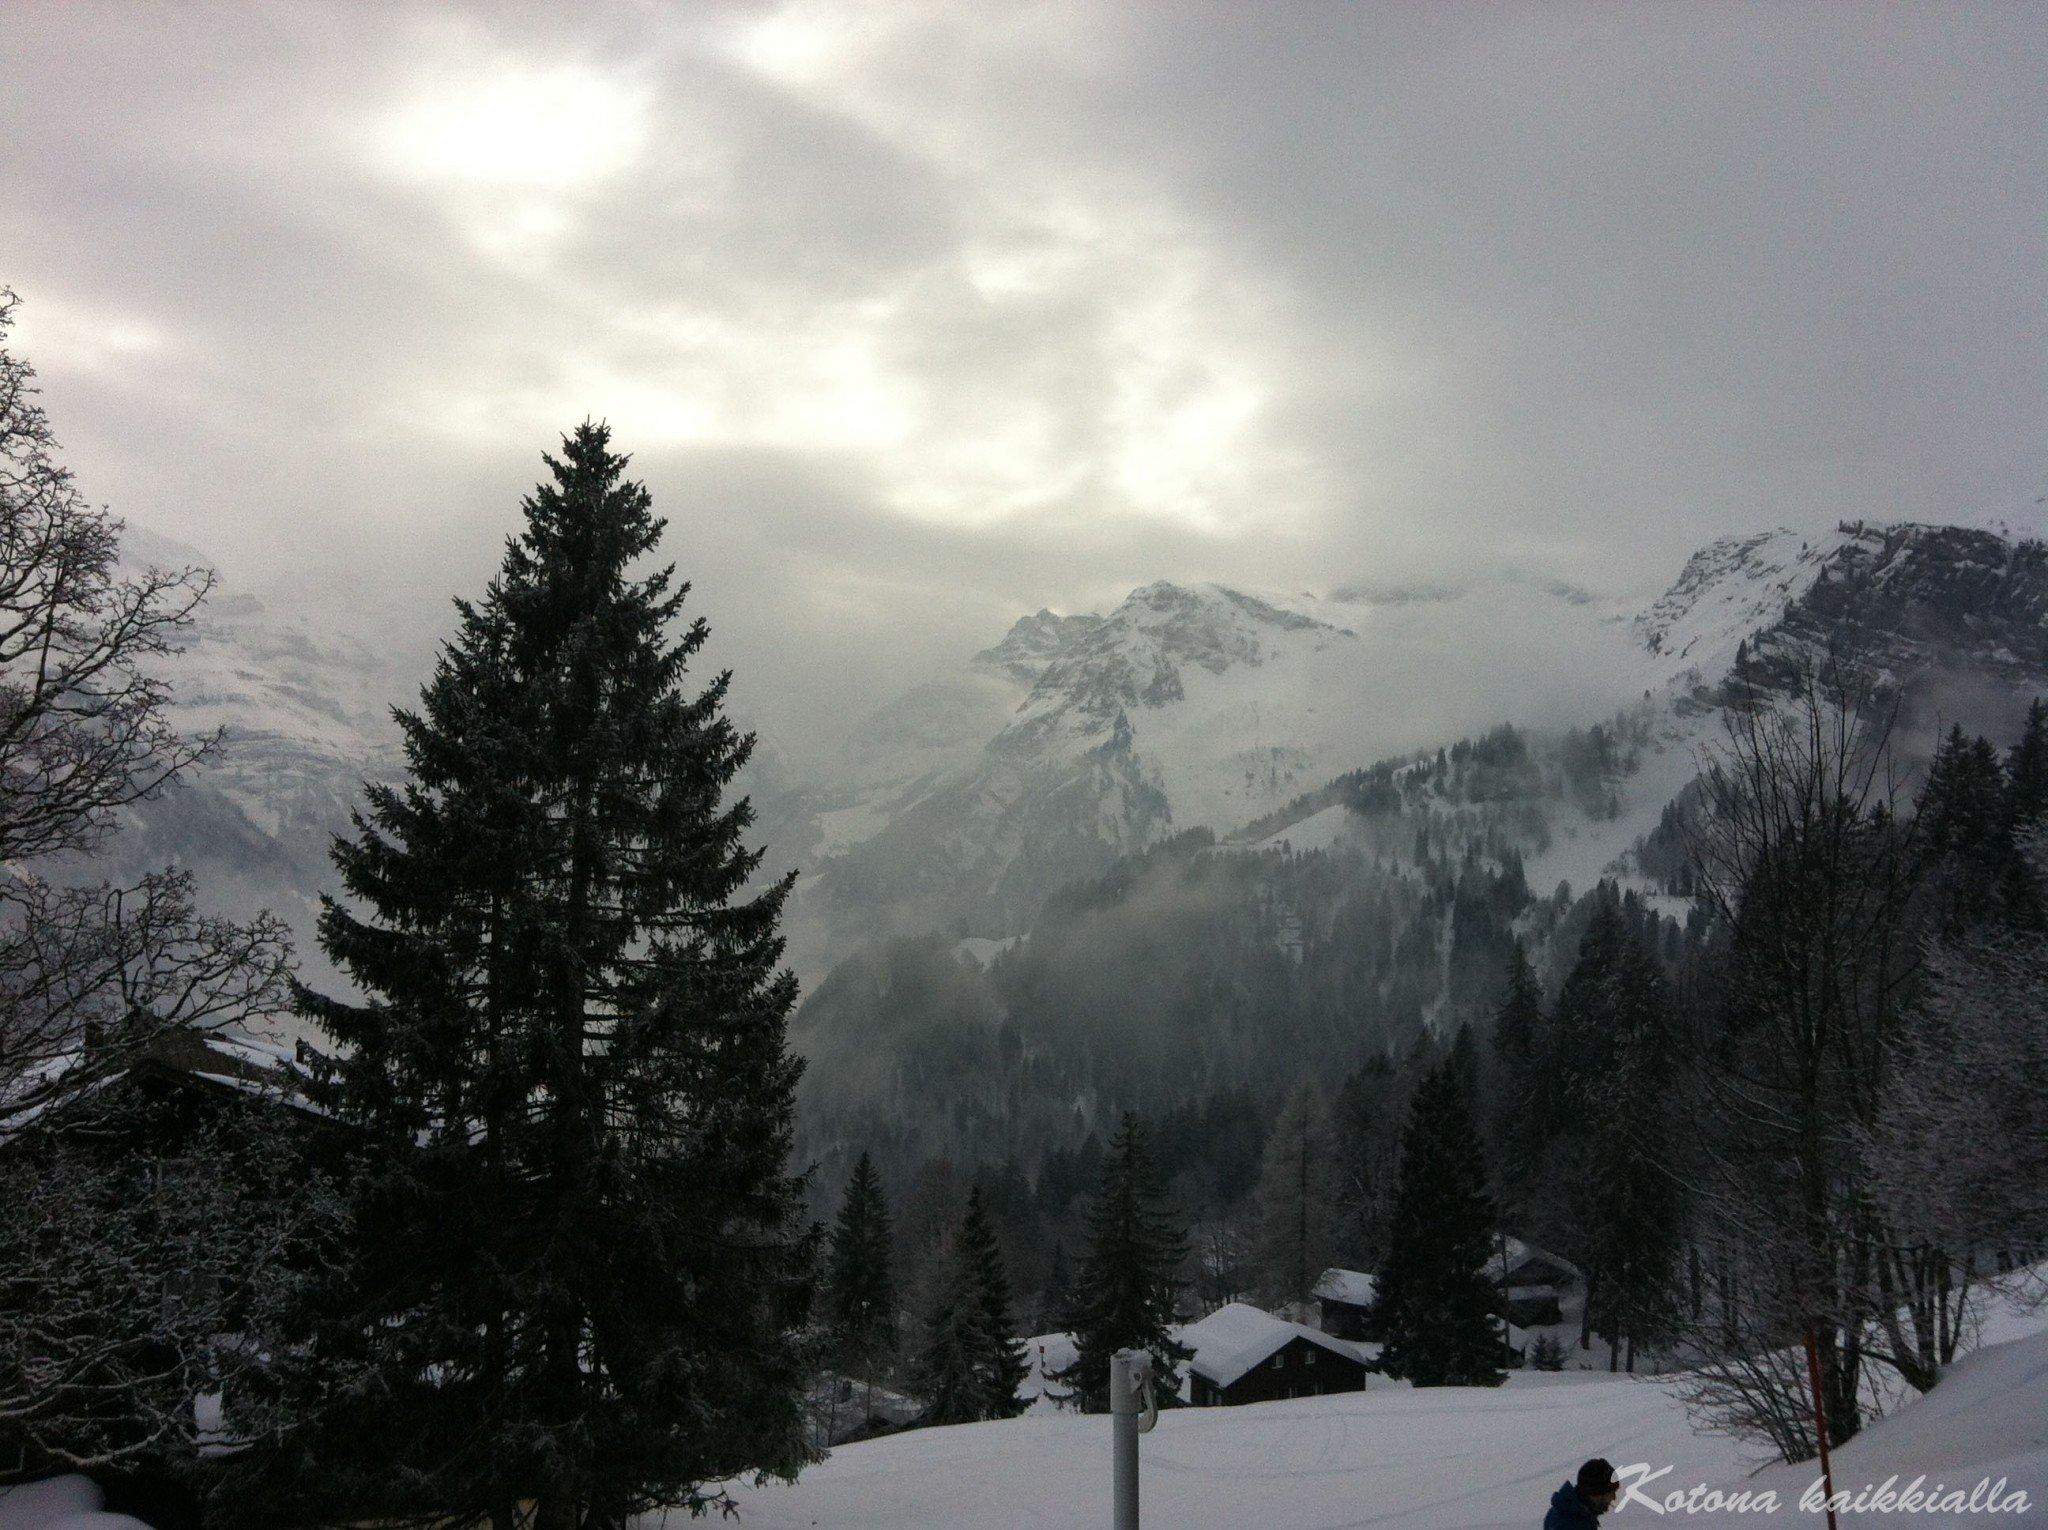 sveitsin laskettelukeskus Kaarina